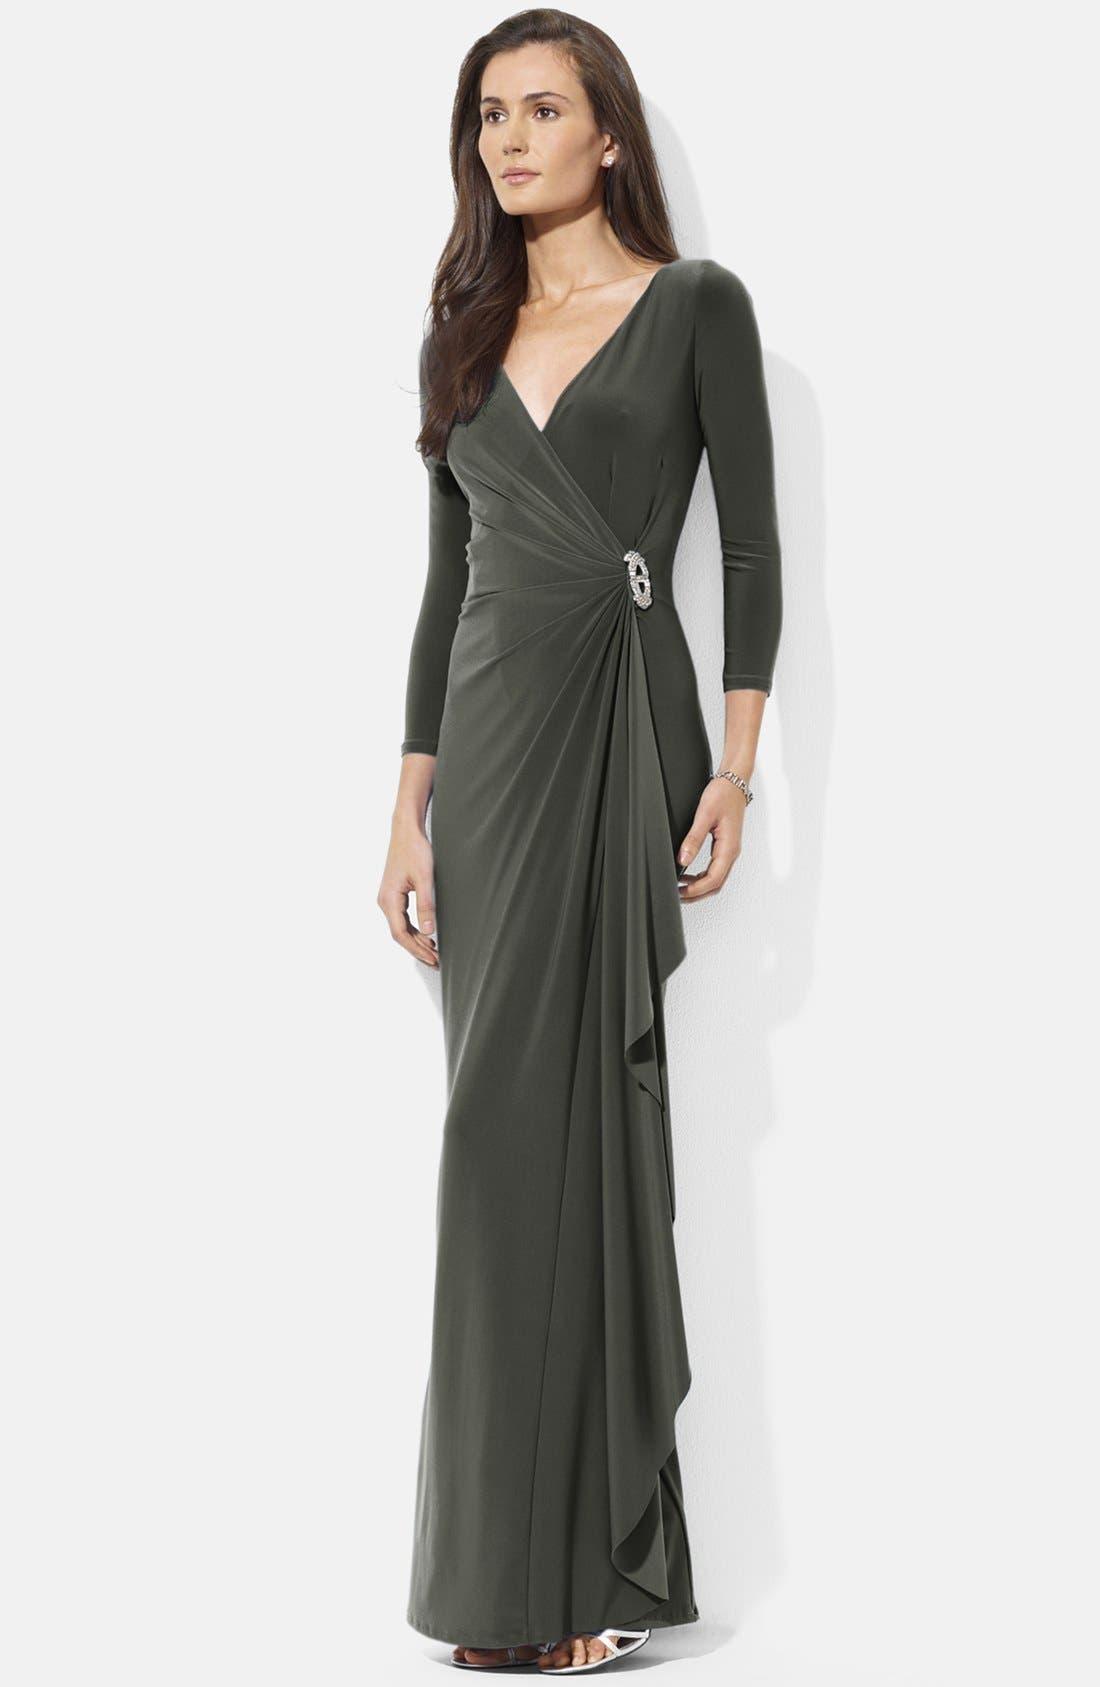 Main Image - Lauren Ralph Lauren Satin Ruffled Jersey Gown